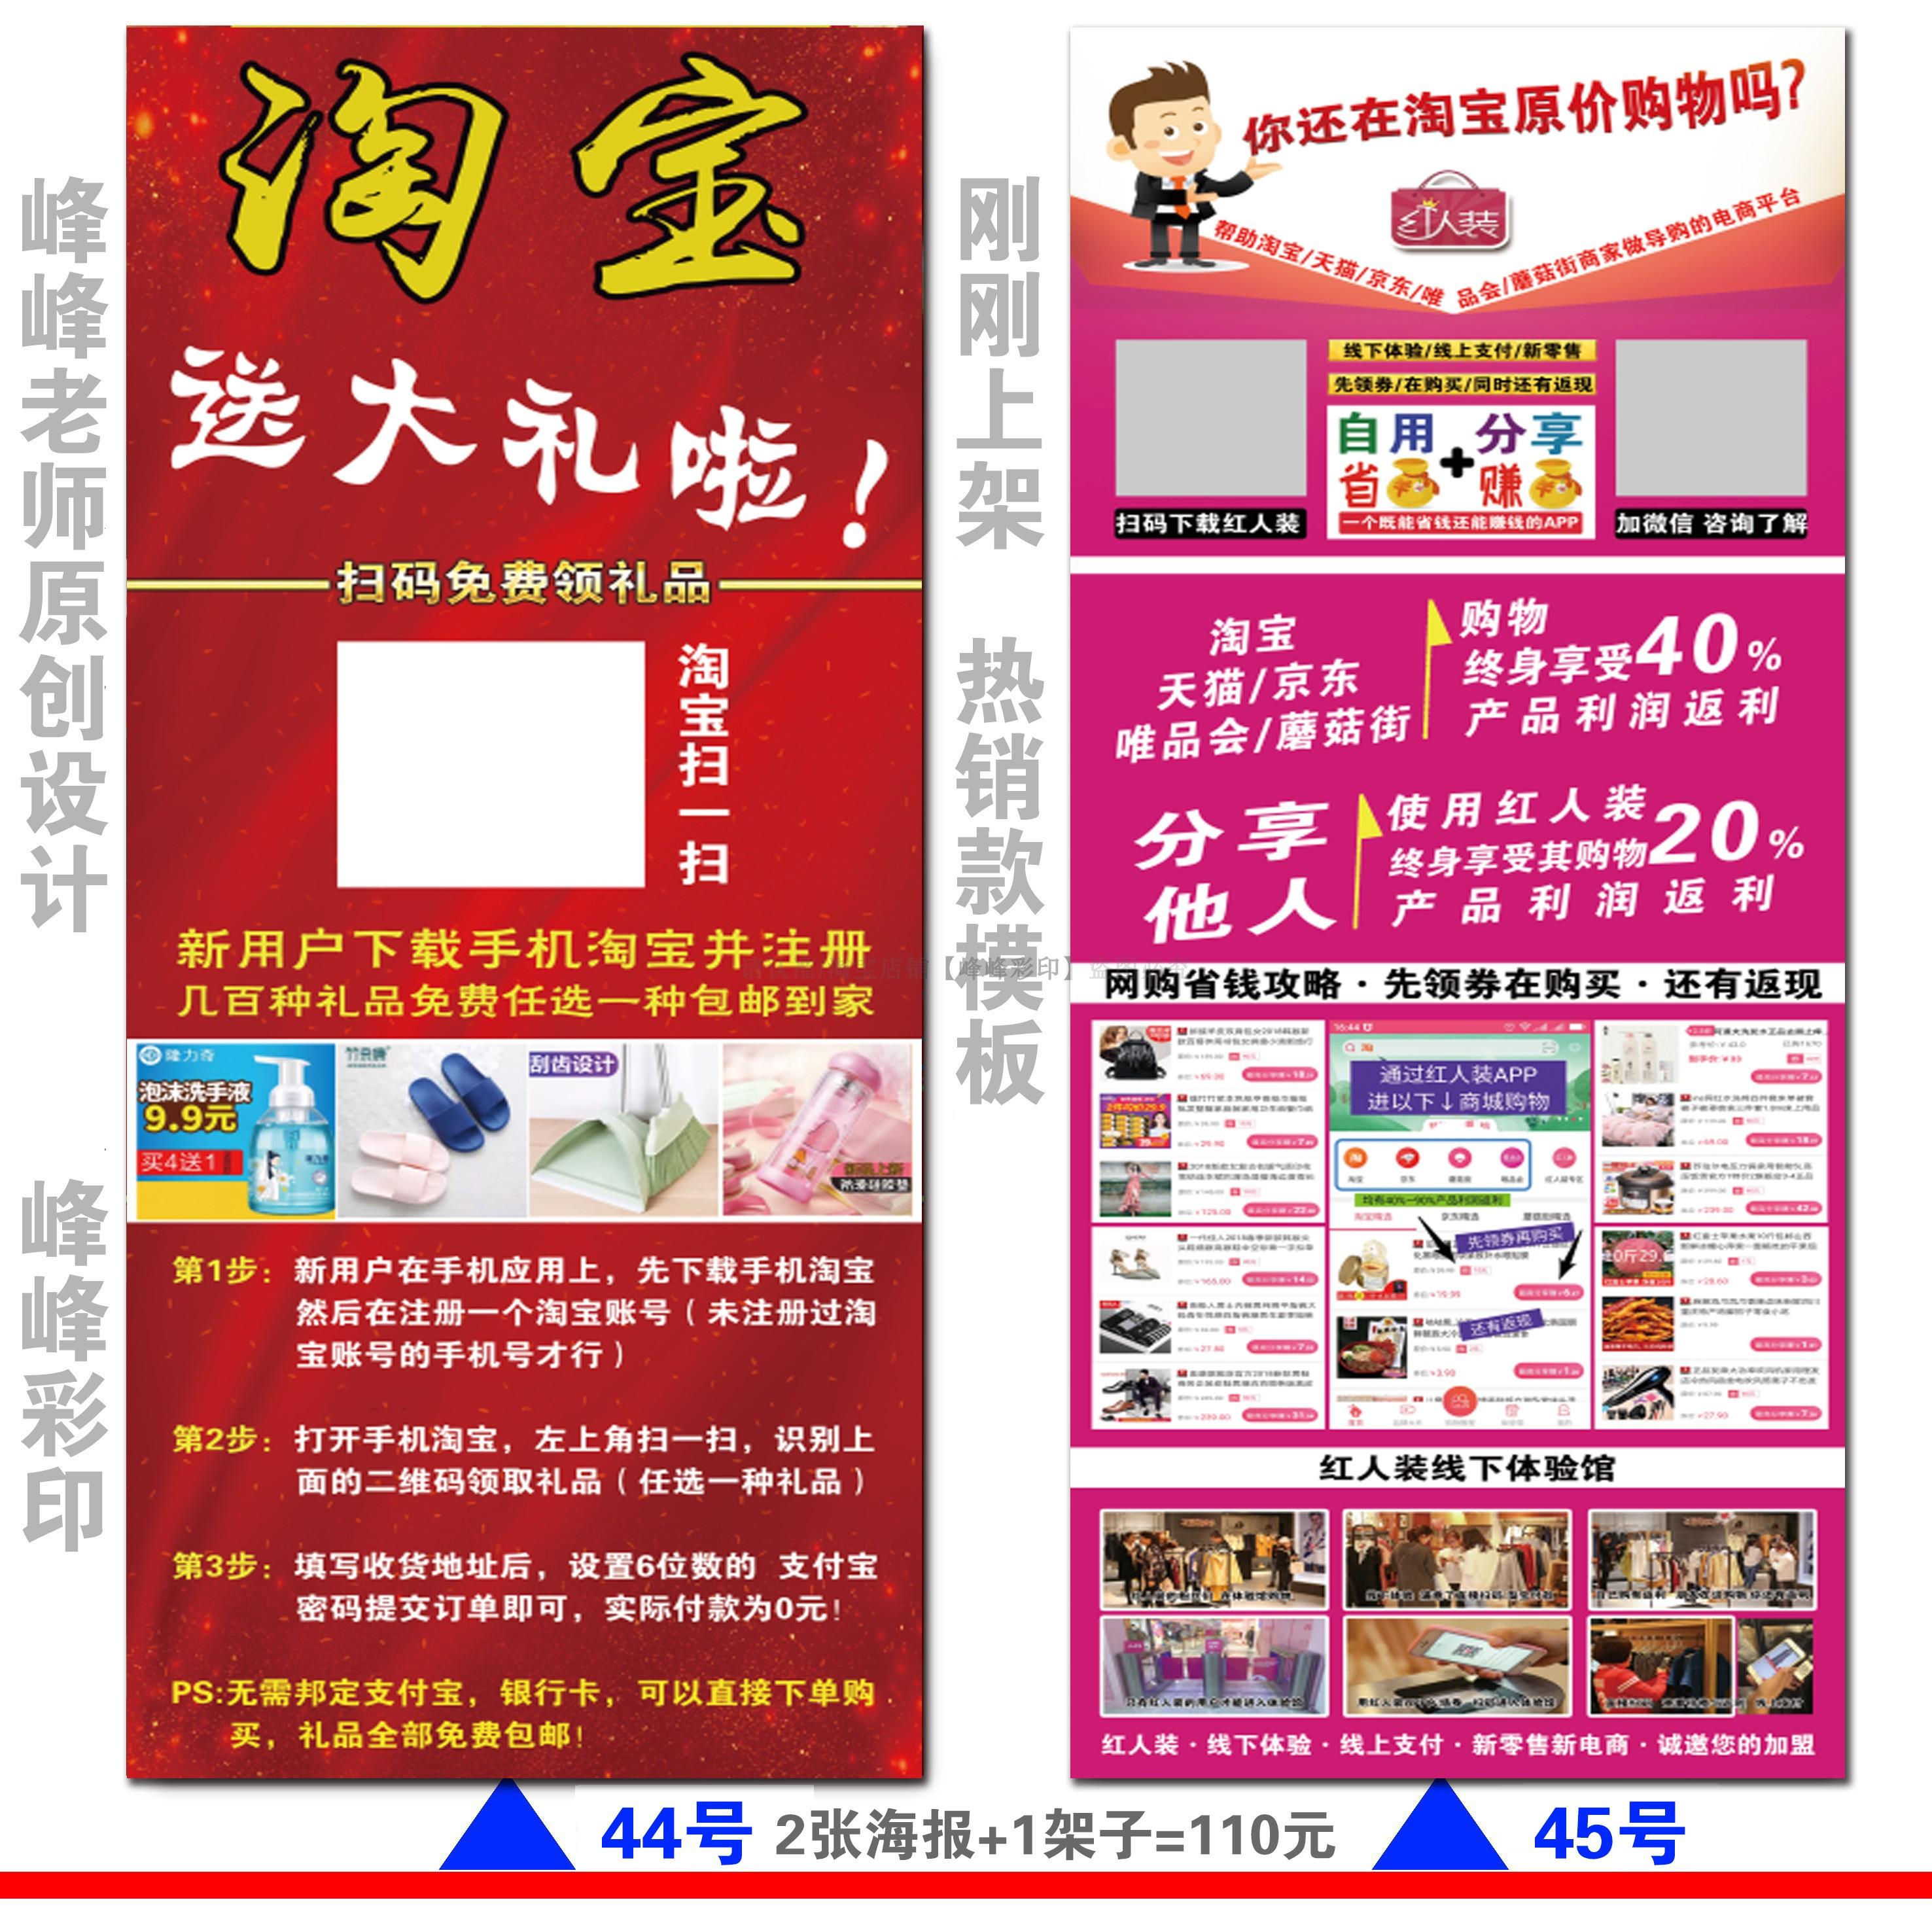 红人装海报展架易拉宝红人装推广宣传单页名片不干胶资料订制印刷